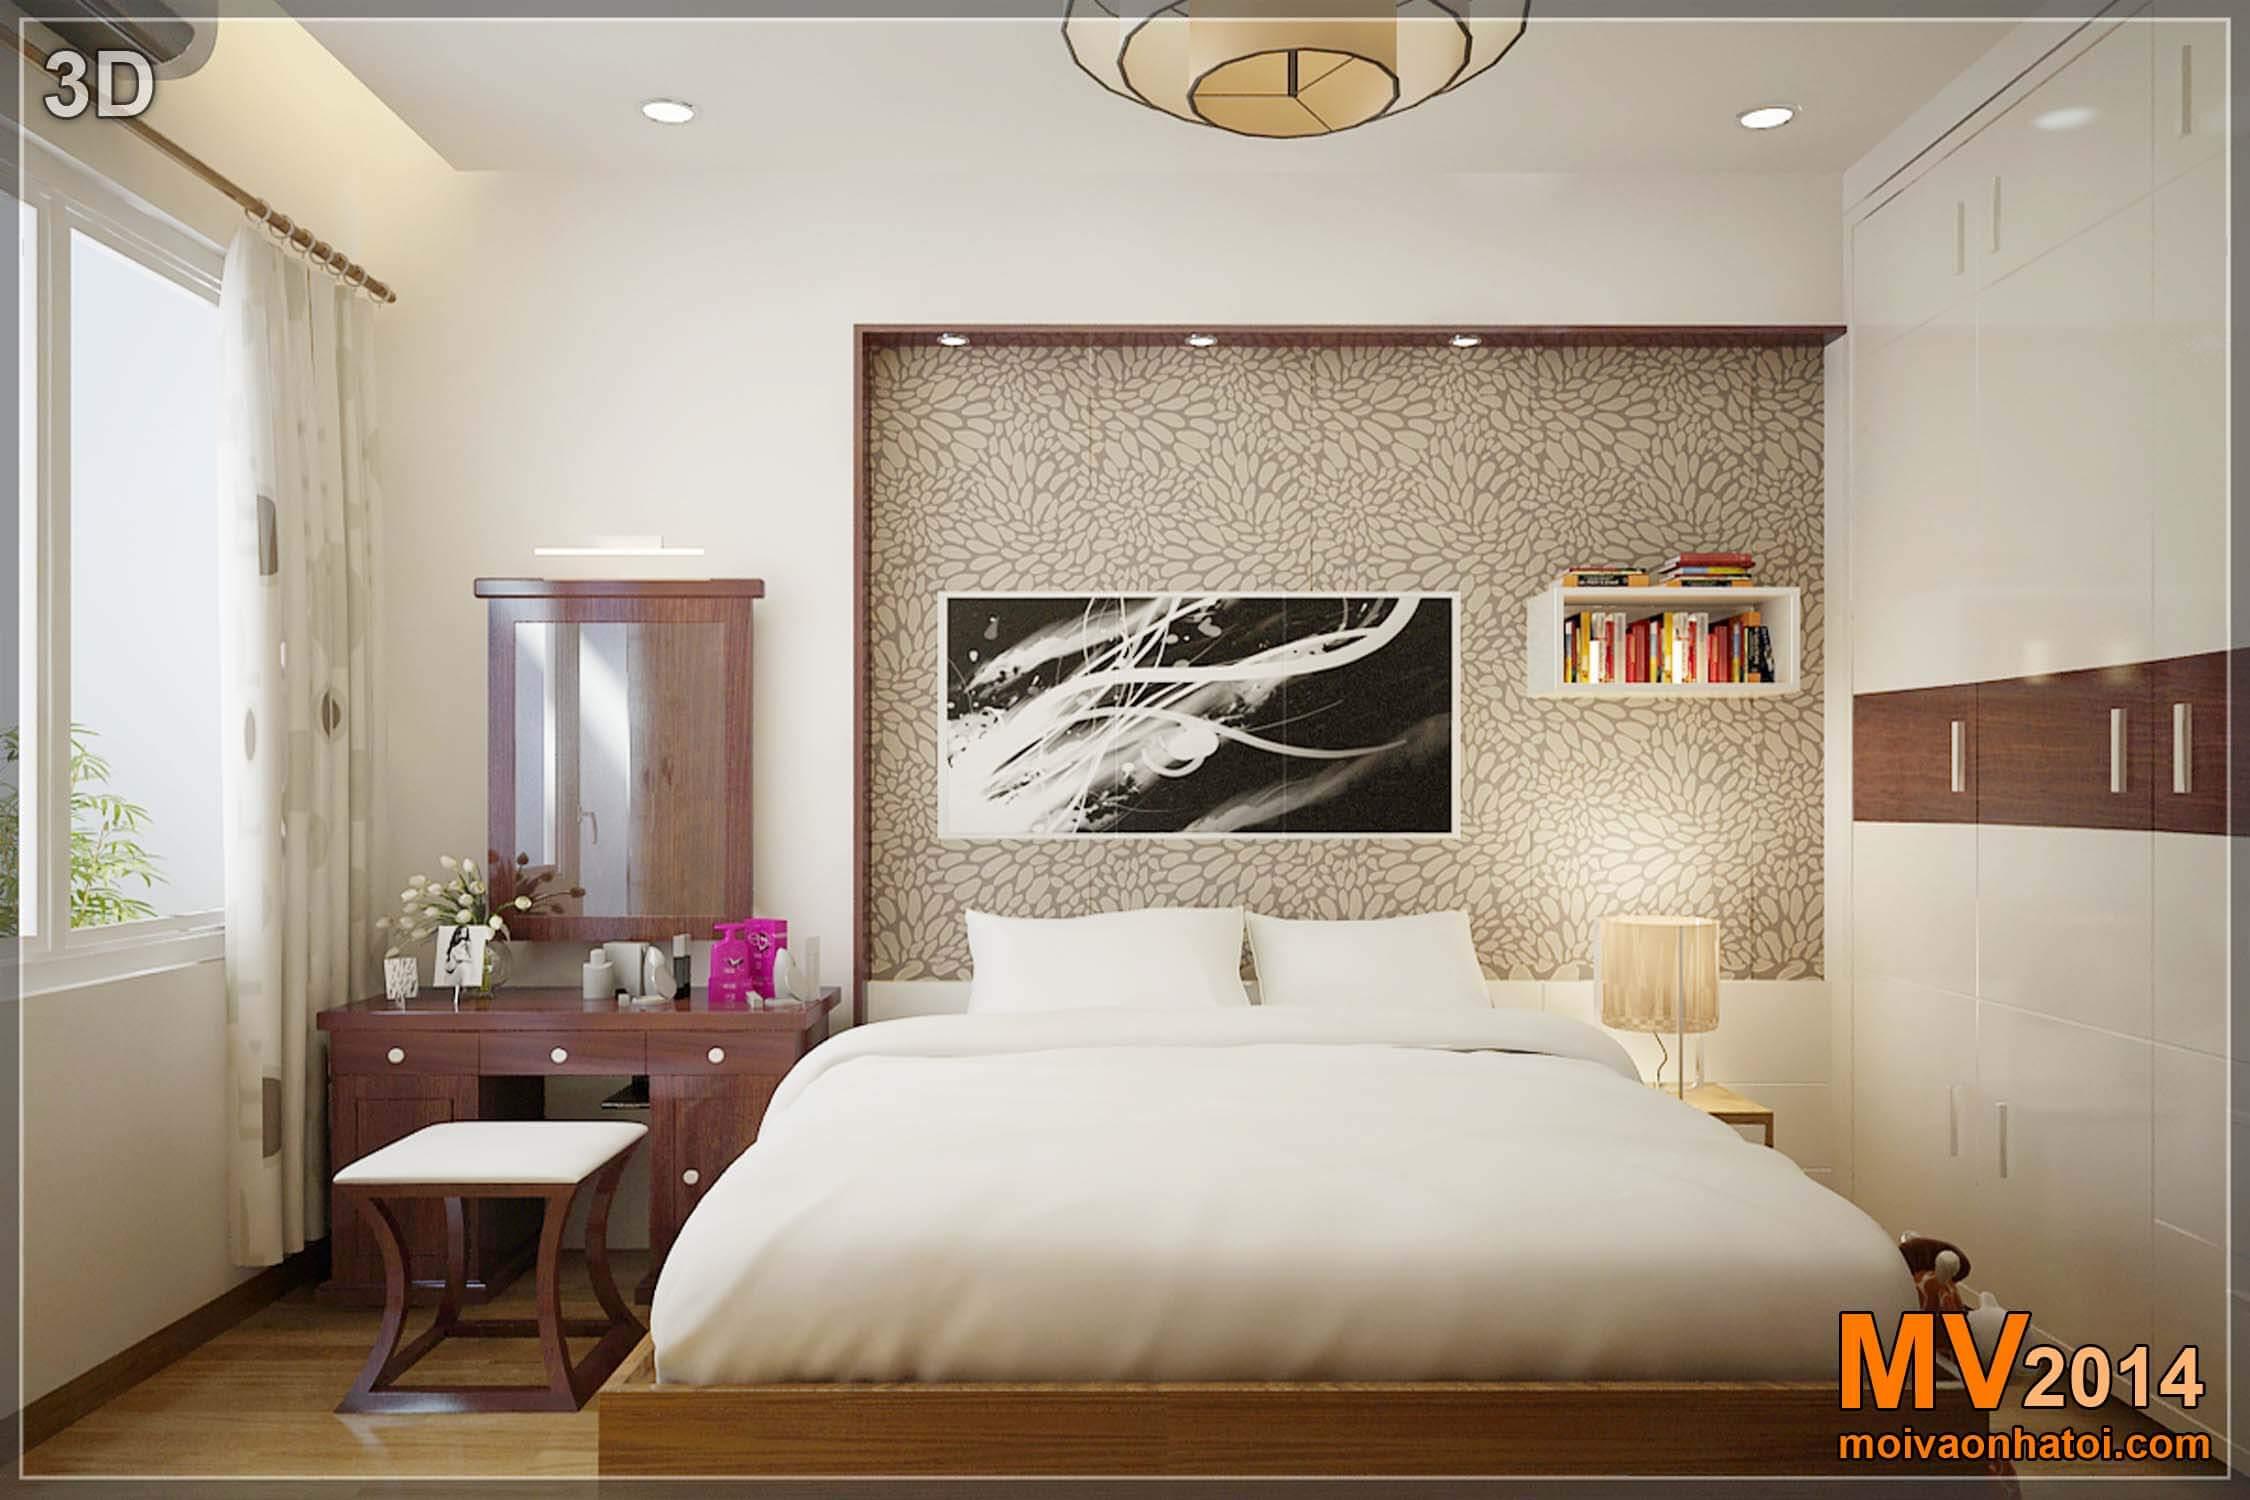 Thiết kế 3D phòng ngủ